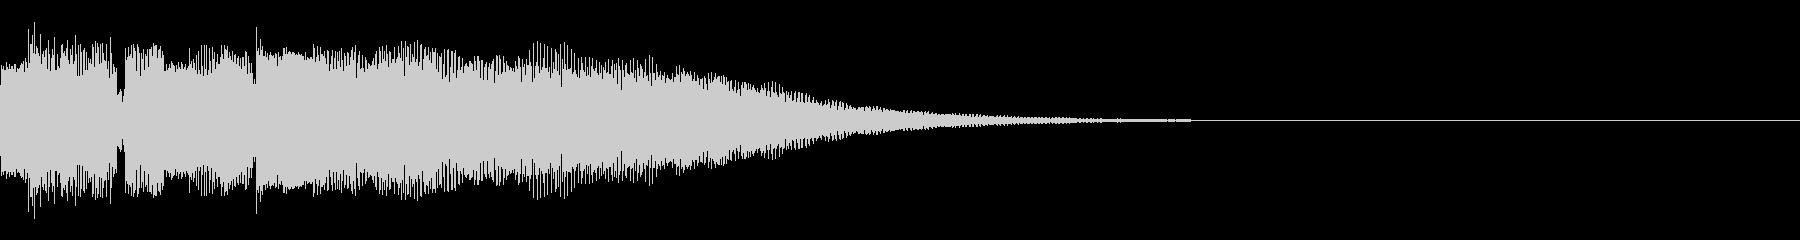 ギターマイナーアルペジオ ジングルで使用の未再生の波形